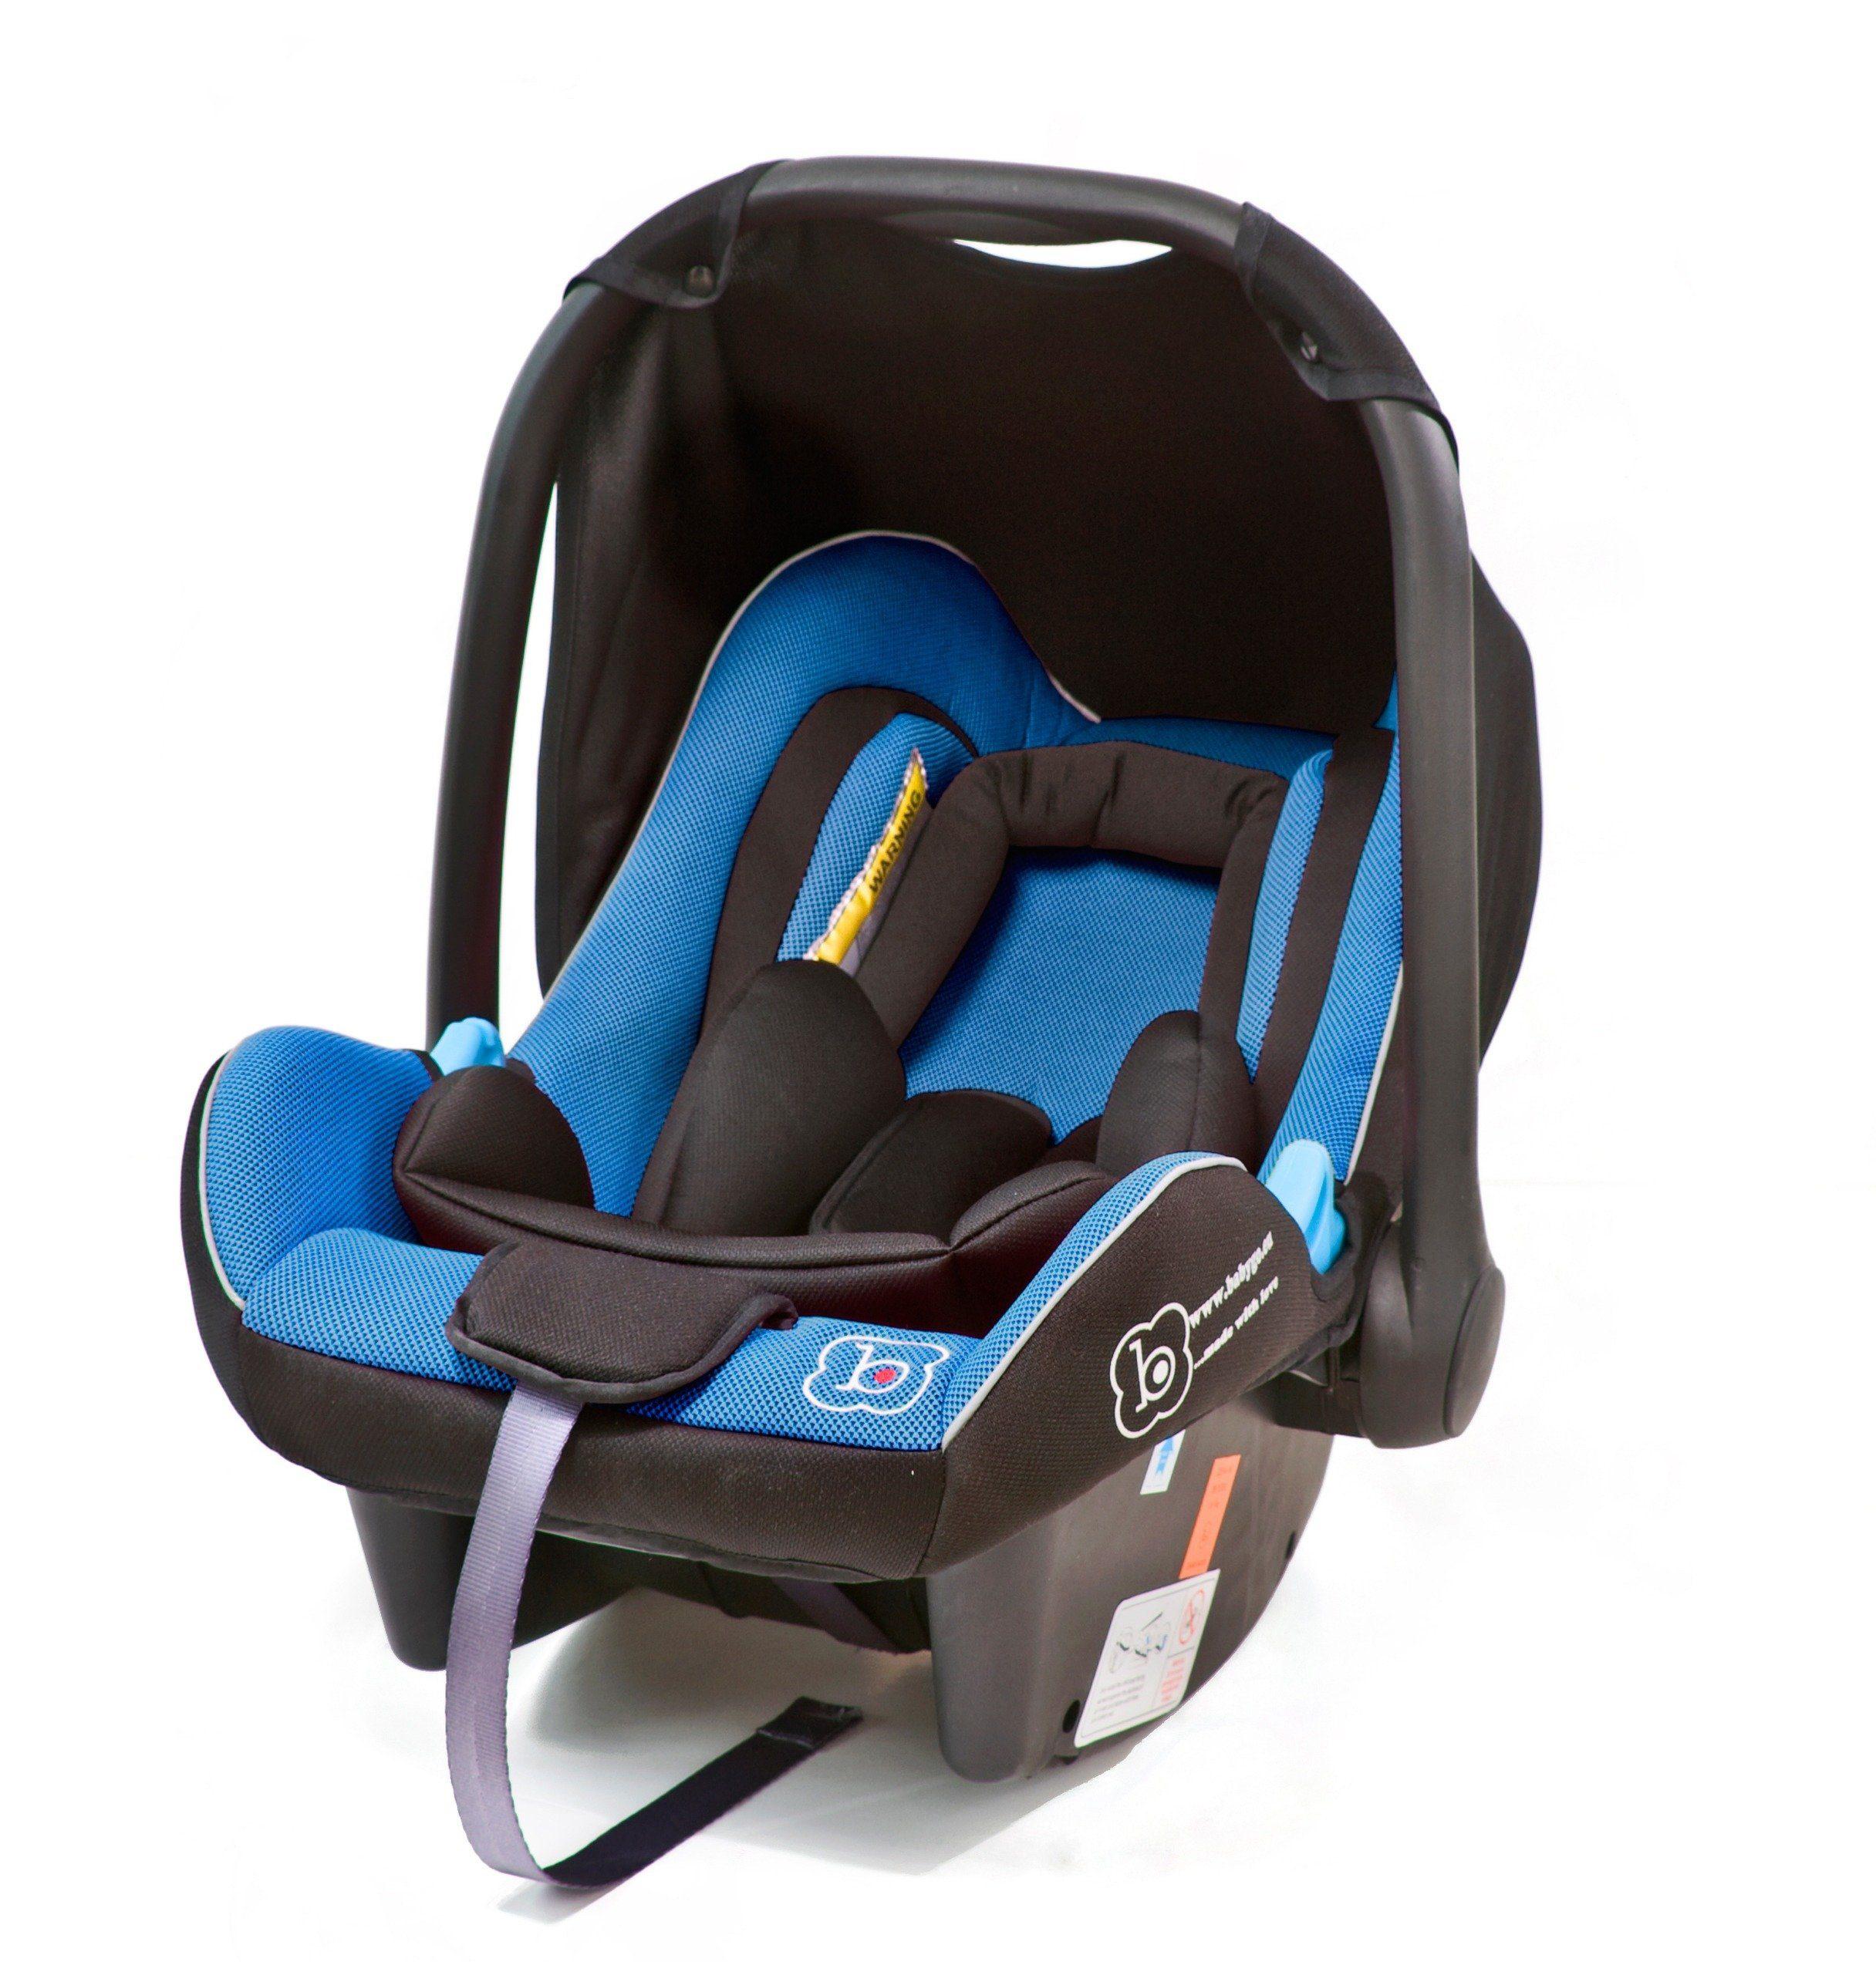 Babyschale »Travel XP«, 0 - 13 kg, mit Wippfunktion